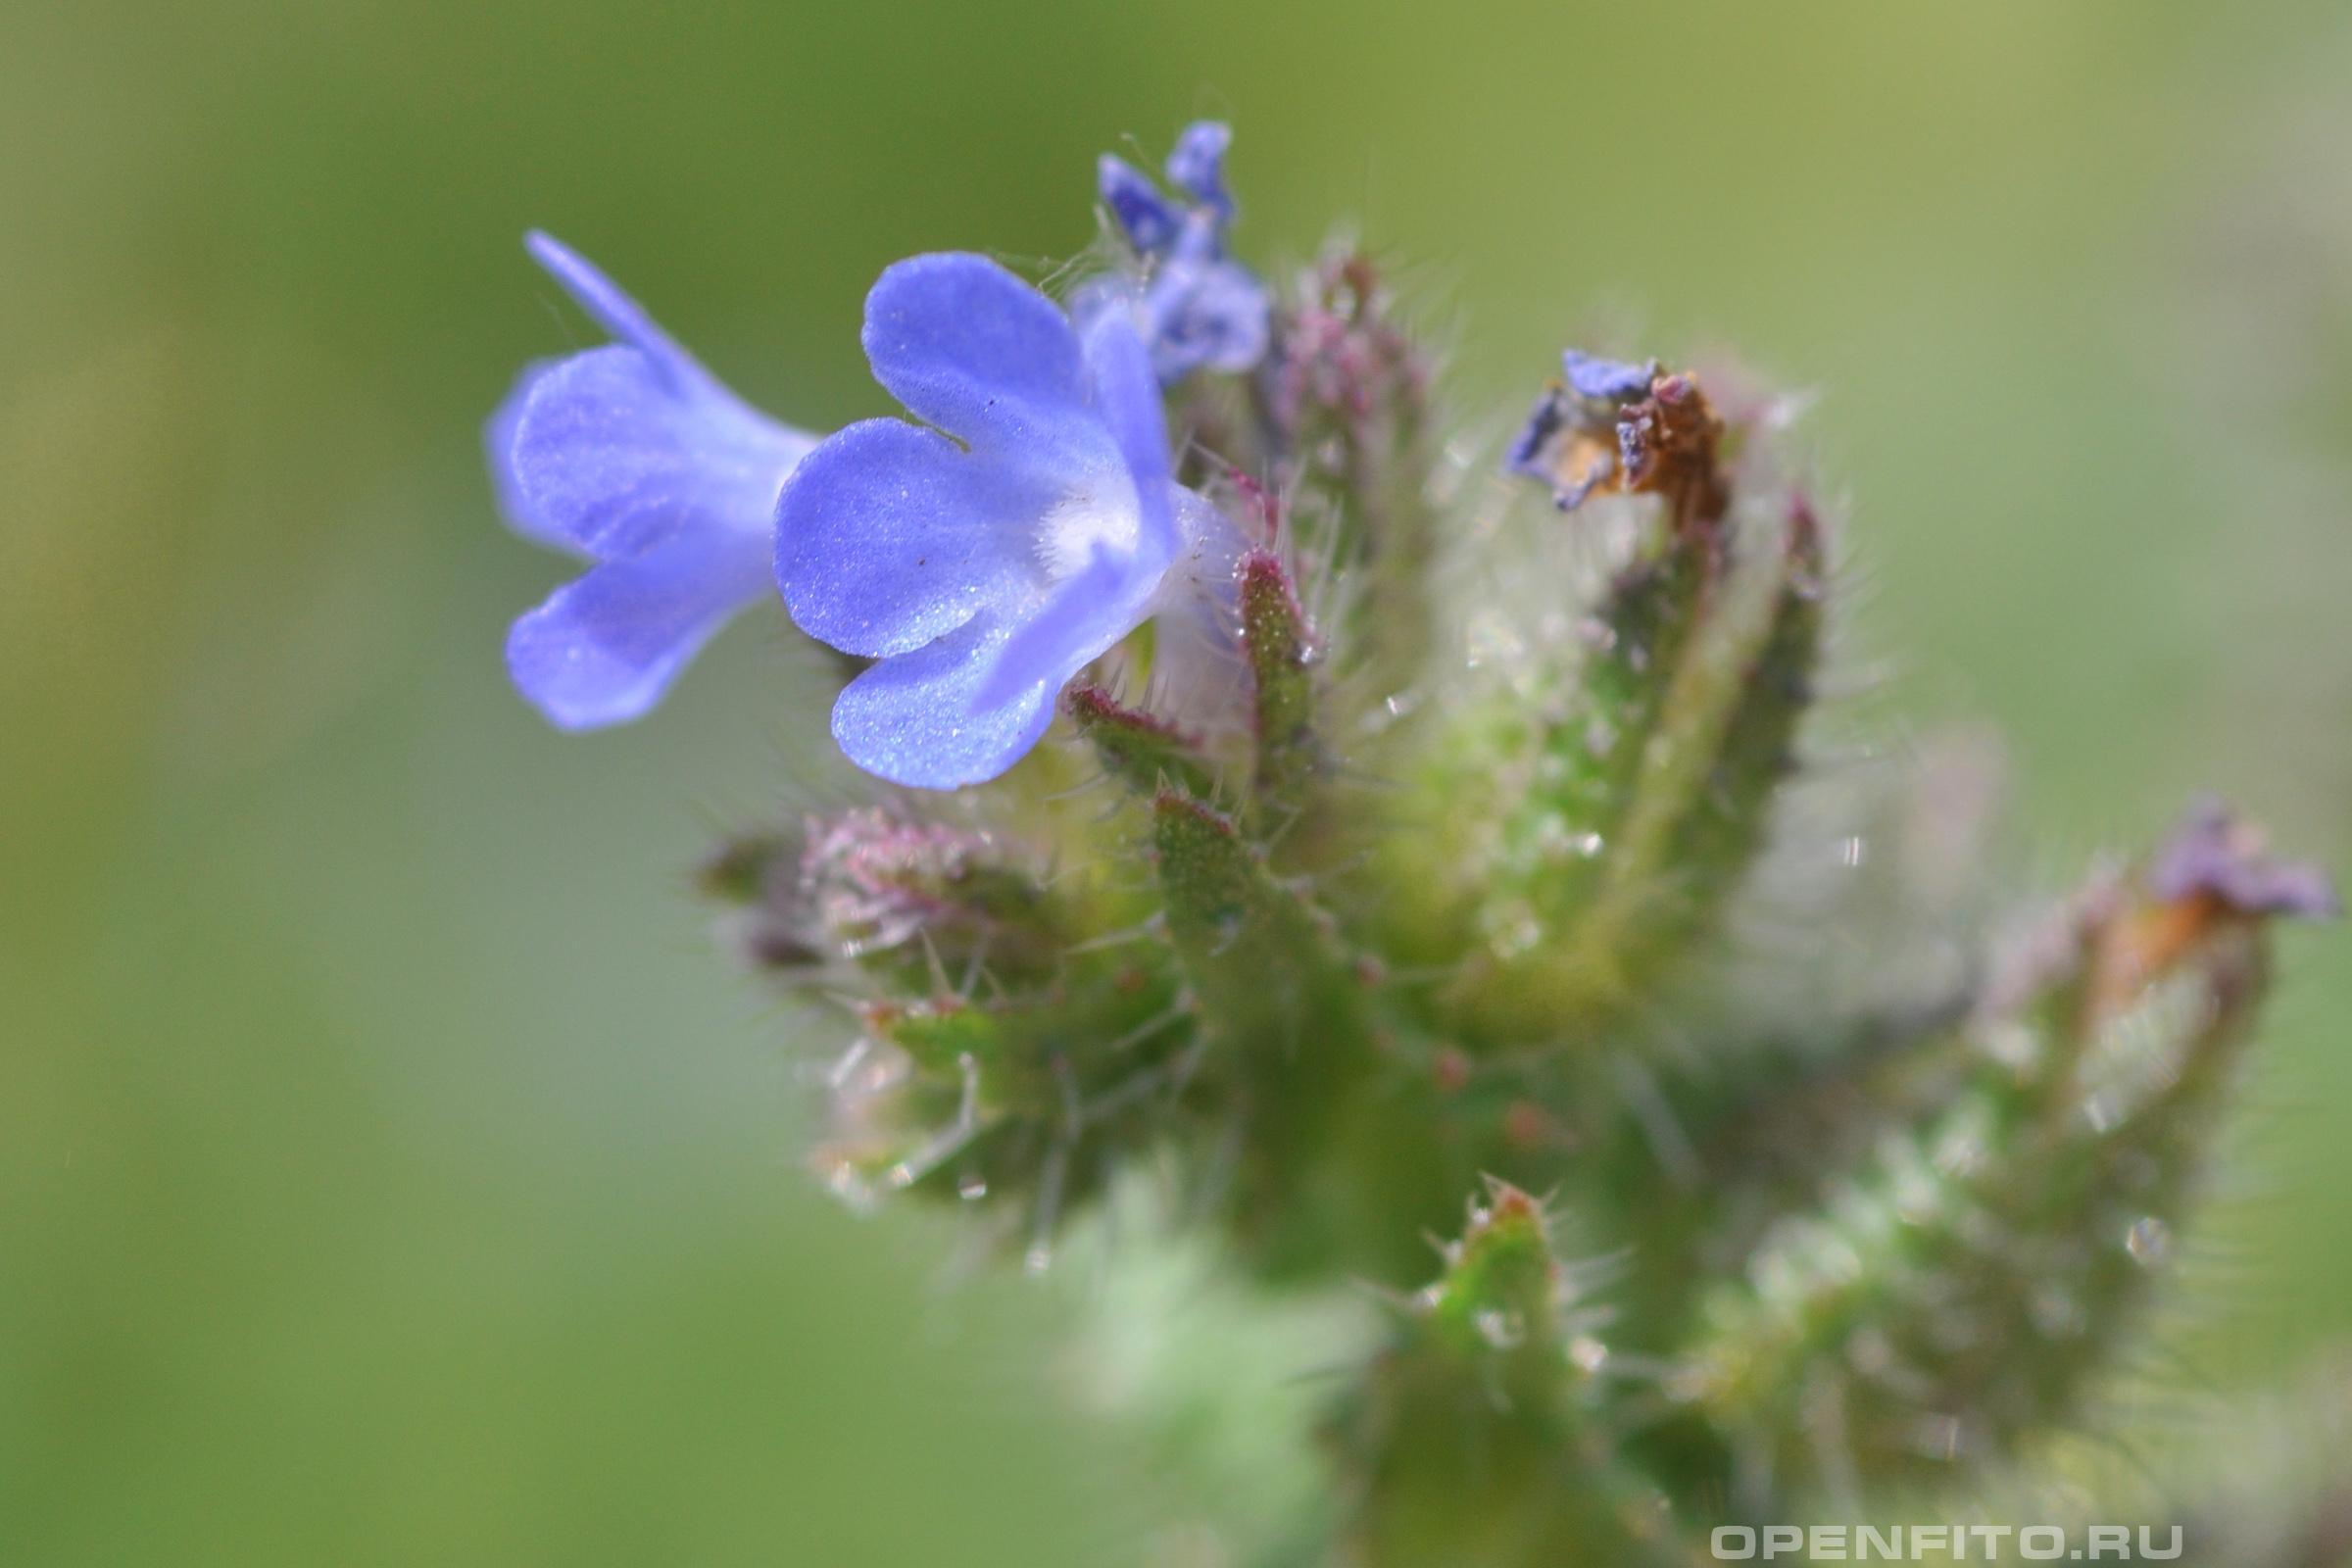 Кривоцвет полевой анзуха или воловик полевой, очень маленькие цветочки